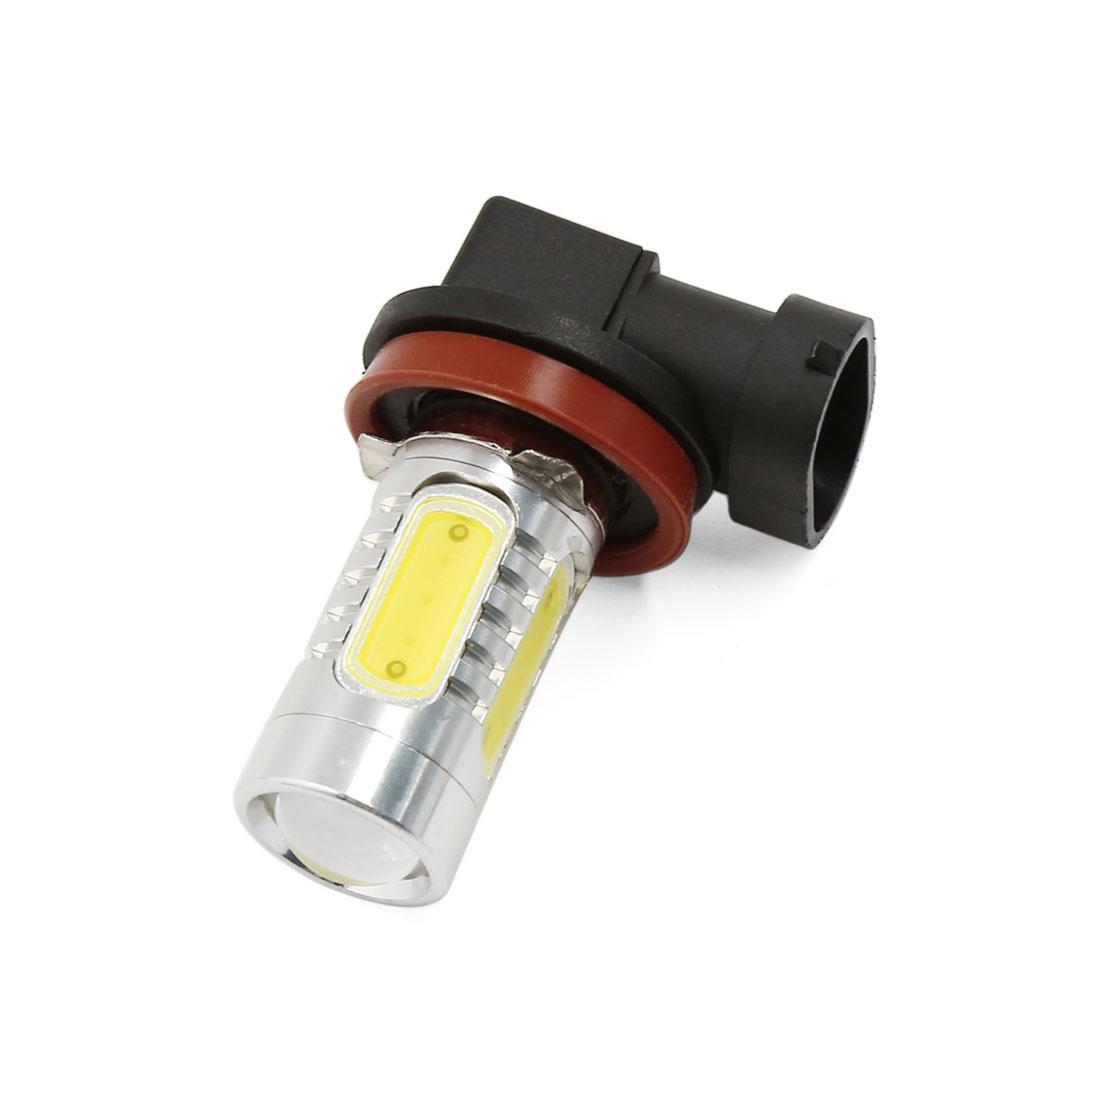 Super Bright White H11 LED for Car Driving Fog Lights Bulb 7.5W internal